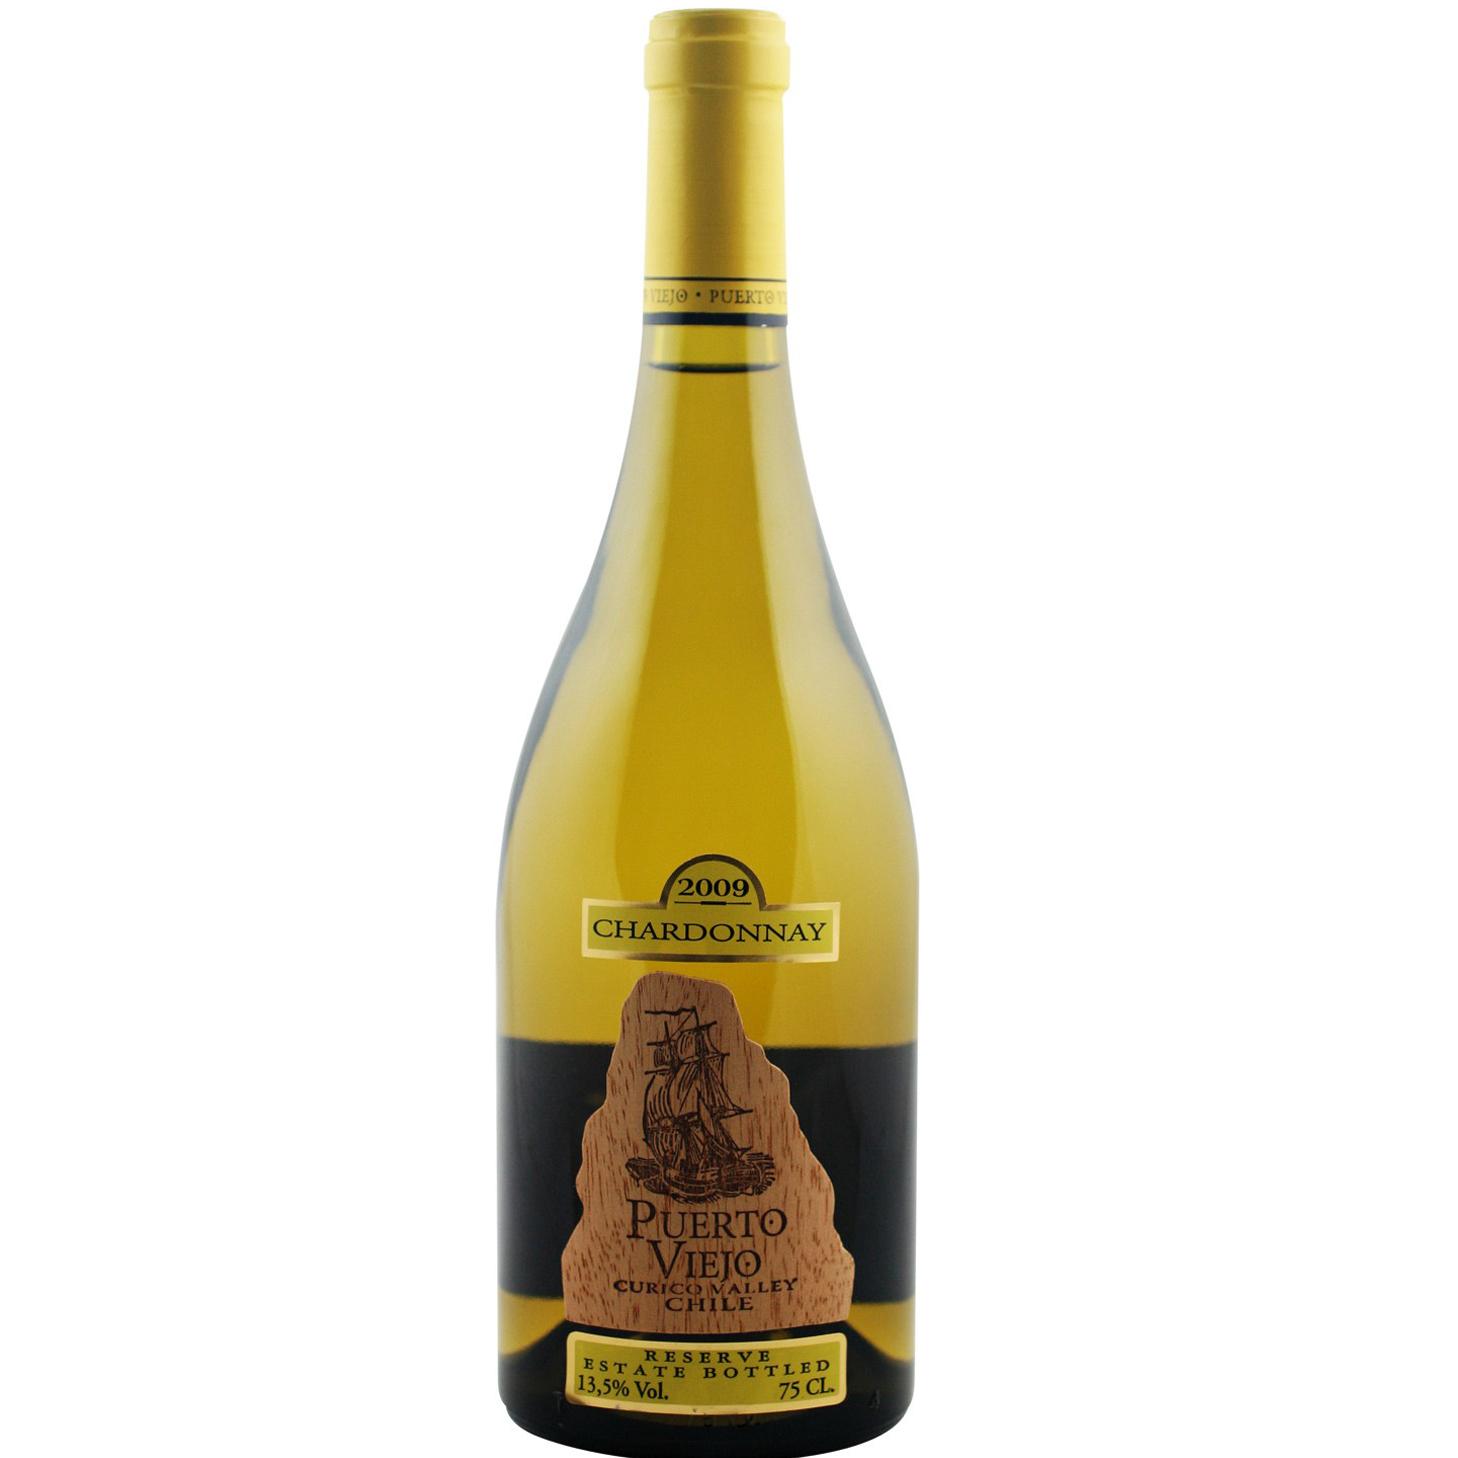 Rượu vang Puerto Viejo Chardonnay